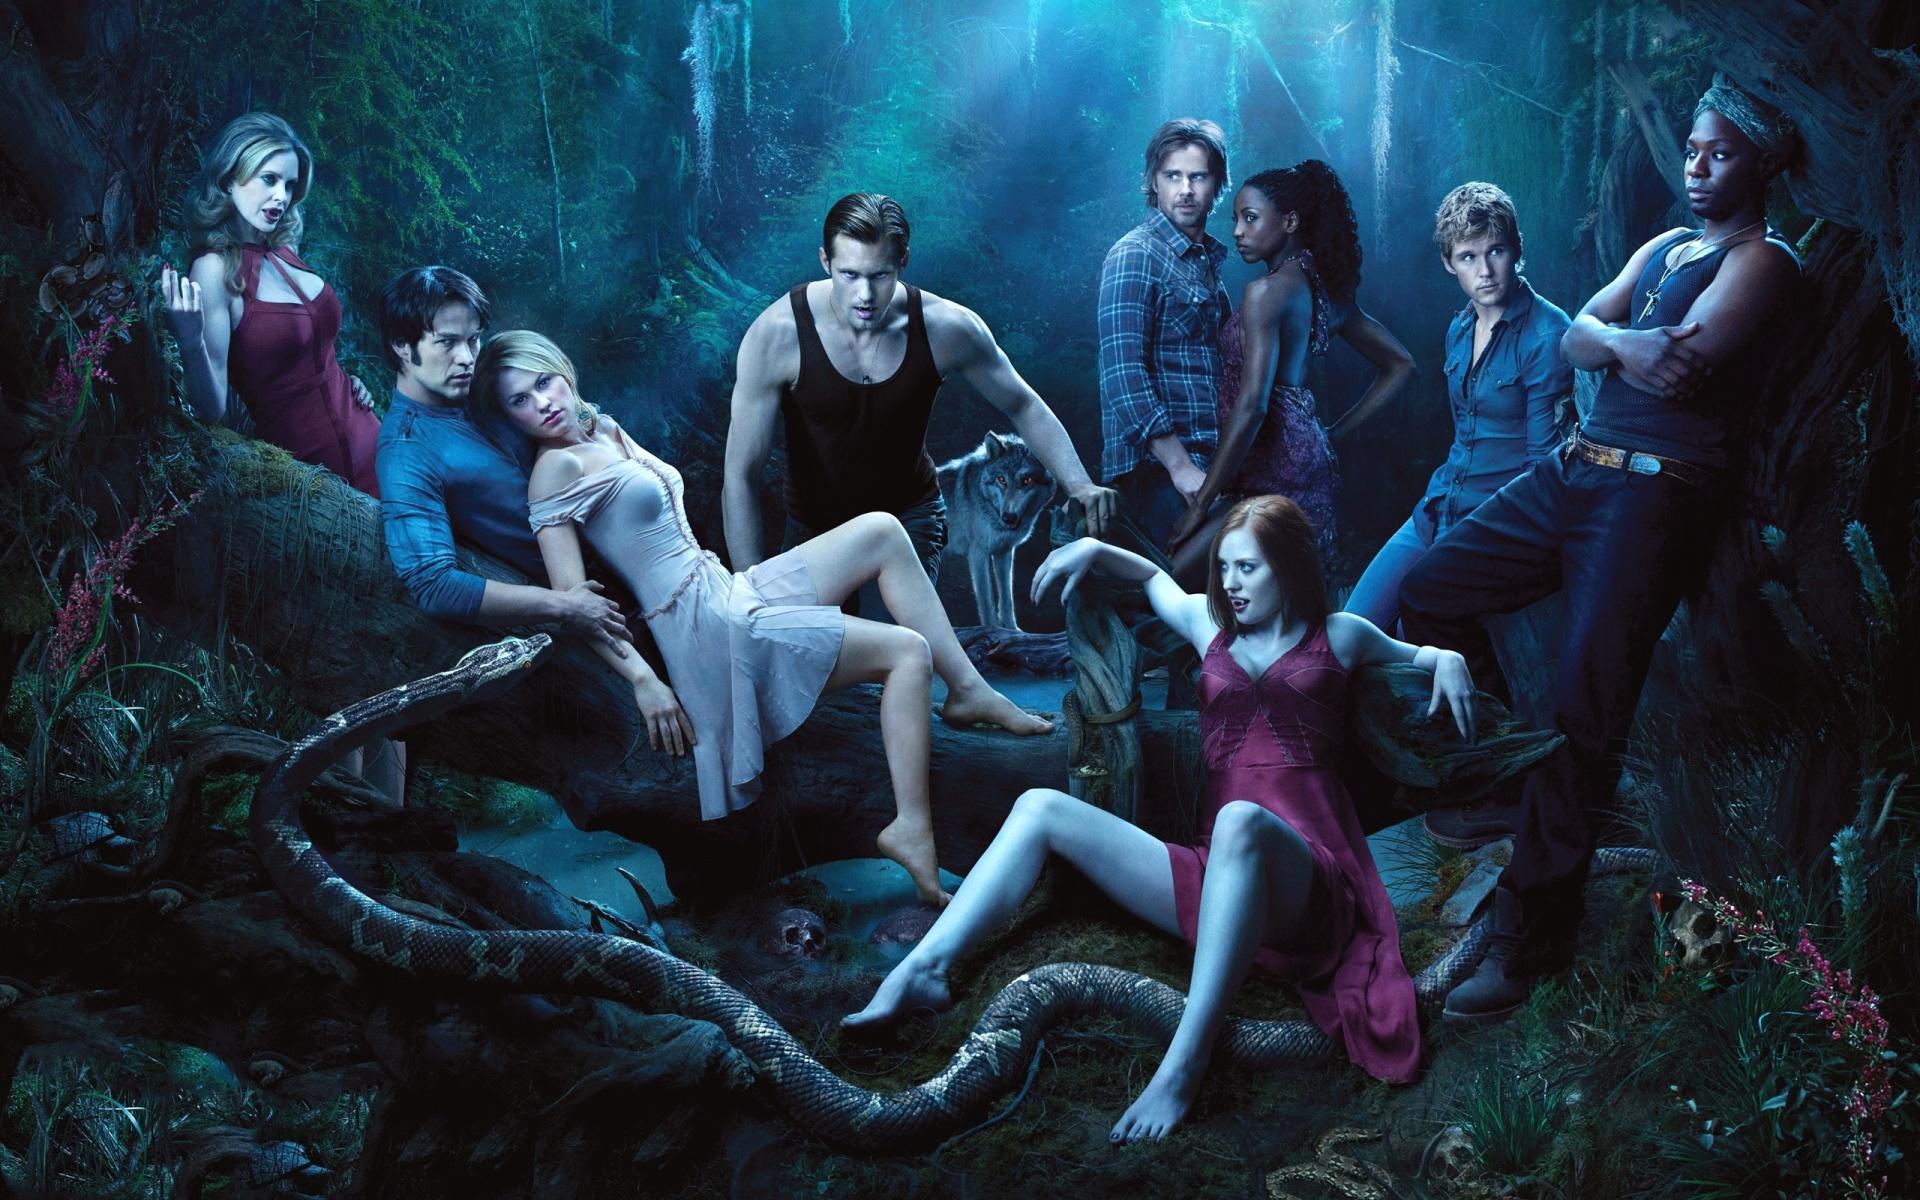 The Vampire Diaries Wallpaper | Large HD Wallpaper Database